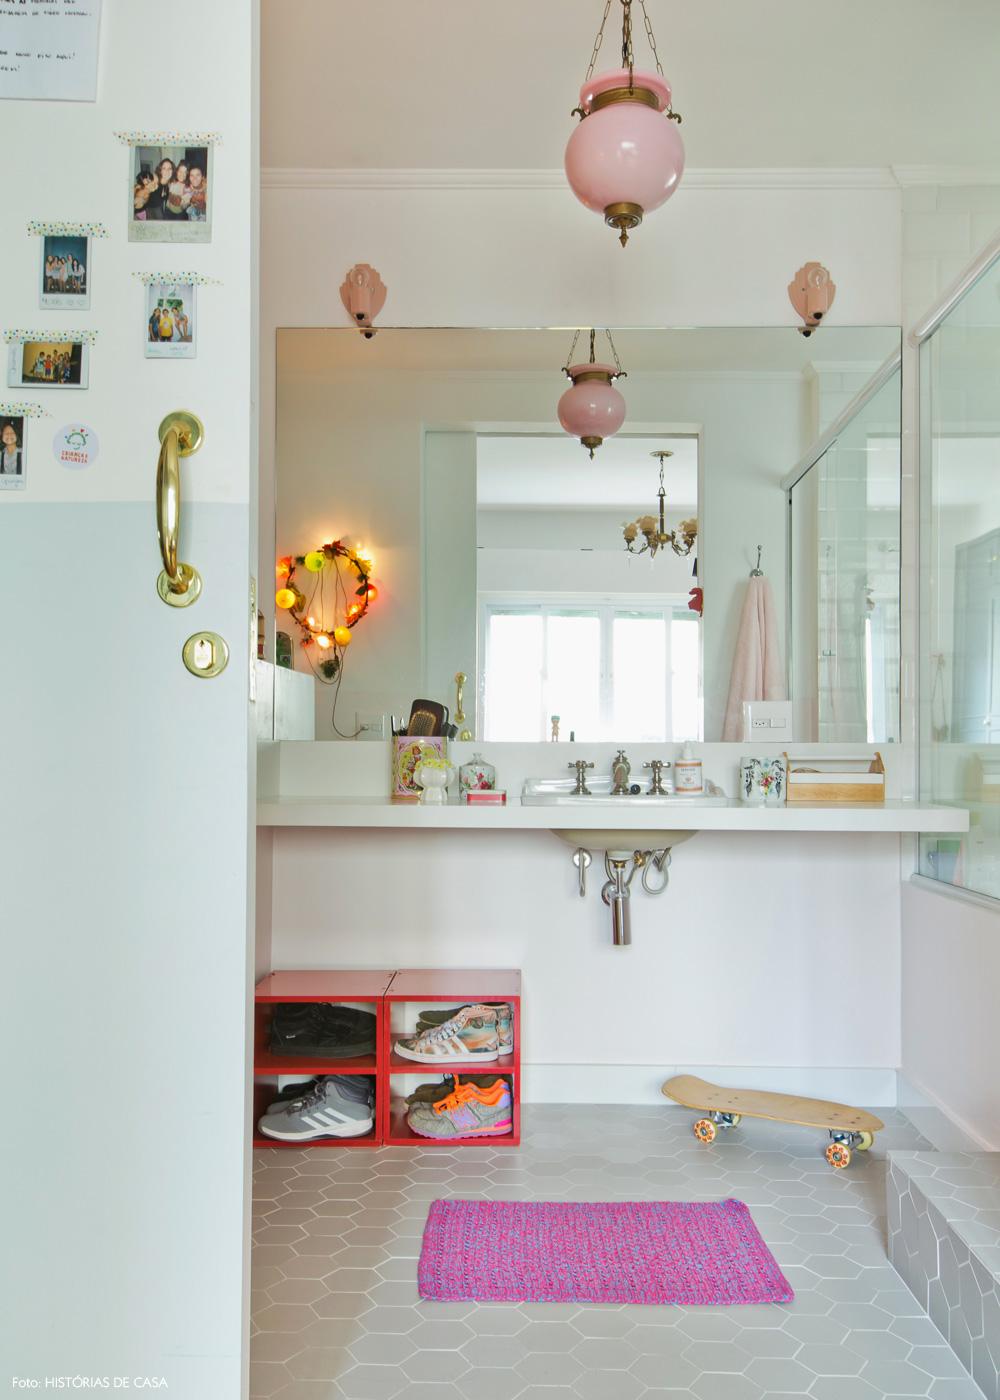 46-decoracao-quarto-menina-banheiro-integrado-tons-rosa